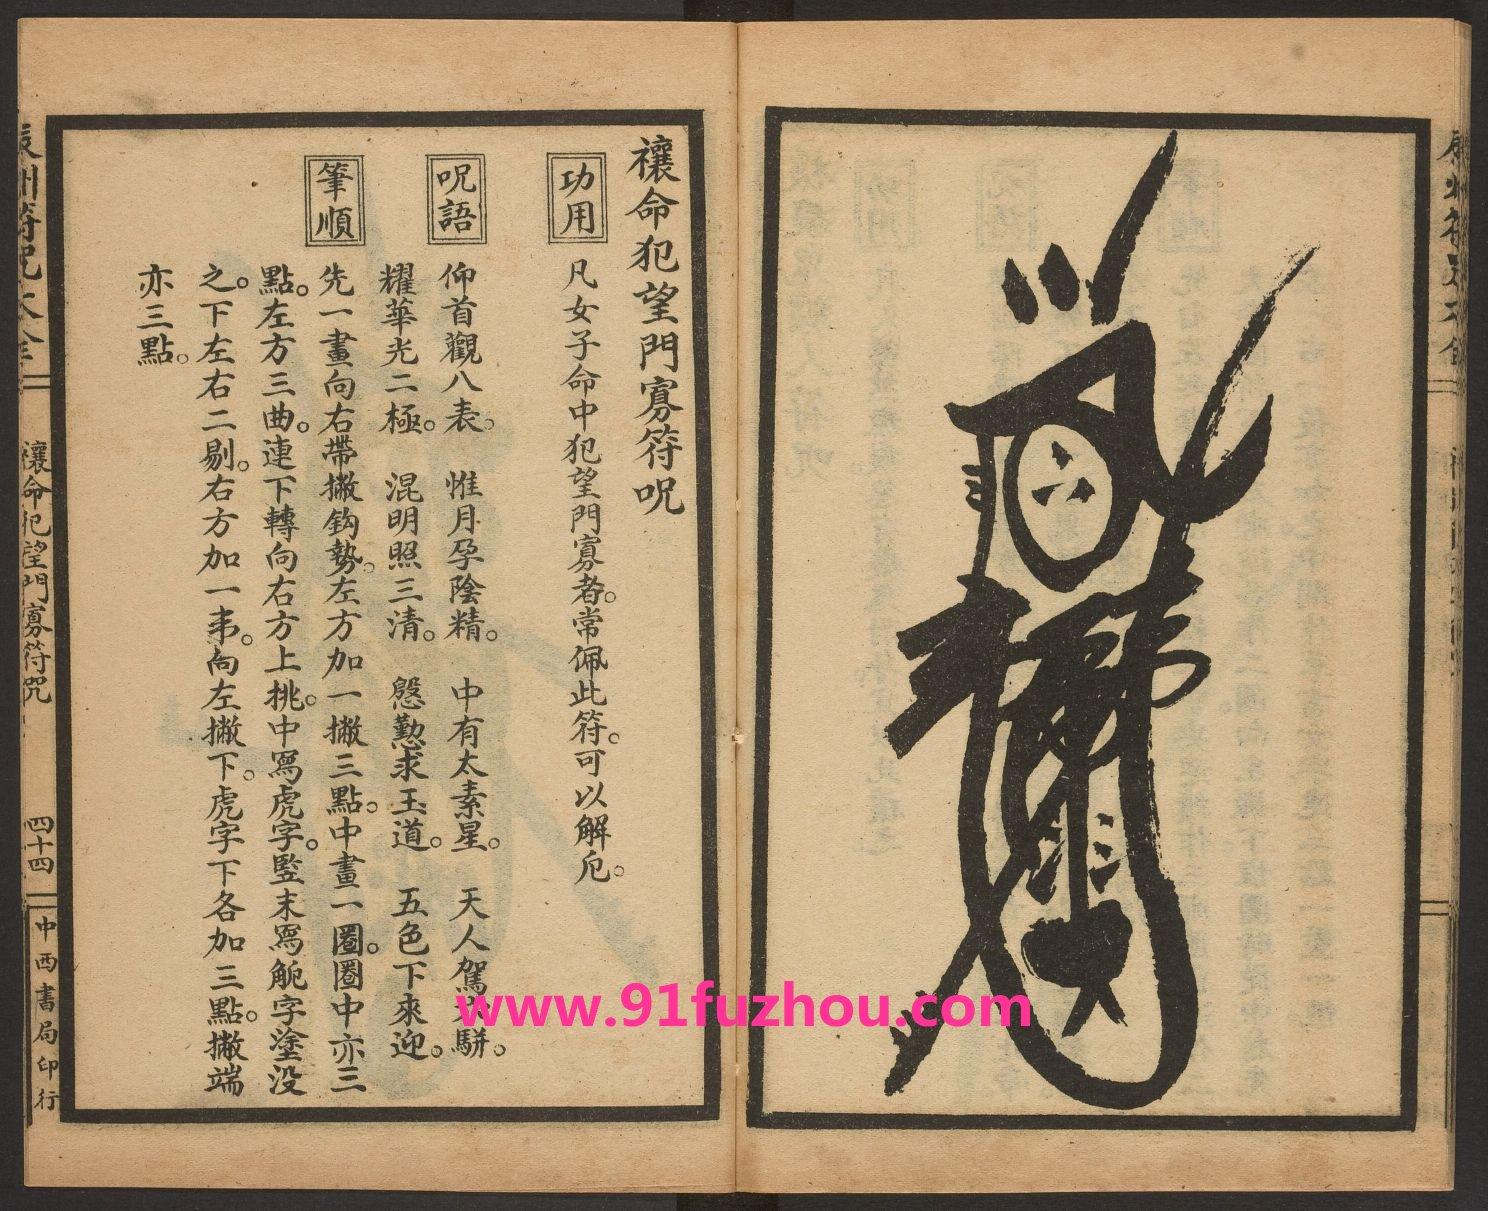 辰州祈禳之类符咒 (禳命犯望门寡符咒)